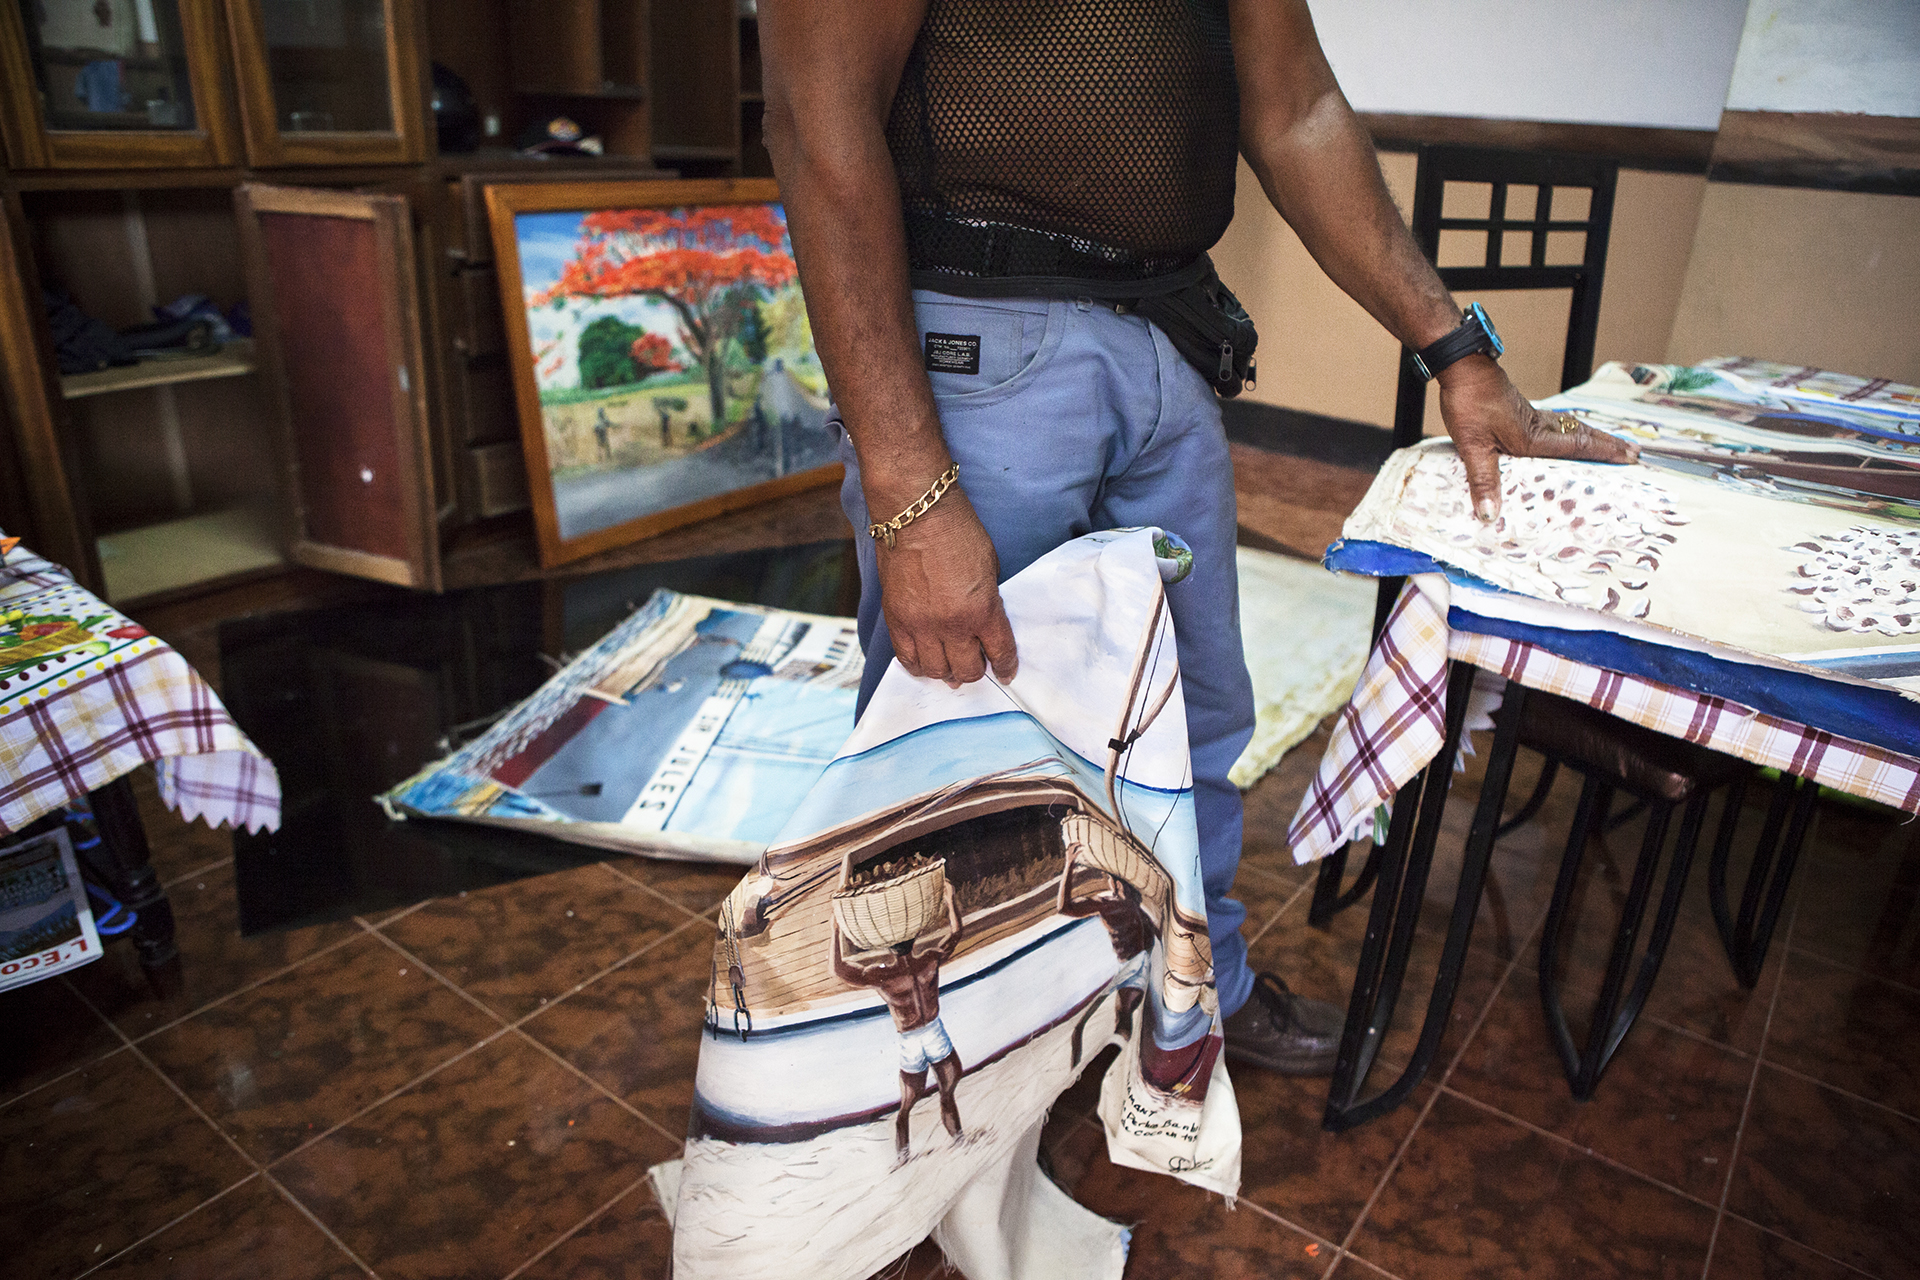 Clément a 67 ans. Sa jeunesse il l'a passé aux Chagos. Faisant souvent l'aller retour avec l'île Maurice. « Là bas on n'avait pas besoin d'argent. On vivait juste avec sa maison, la pêche, un peu de riz. Facile. » Depuis il peint son île, ses souvenirs. Inlassablement.Avec le temps il s'essaie à de nouveaux motifs. Lady Dy, Bob Marley, la Queen Mom. Mais revient toujours à ces plages où s'écoulent tranquillement cette vie passée et aujourd'hui disparue. Il se prend à rêver d'une belle exposition. Pour vivre et faire vivre tous ces souvenirs. « Les Anglais n'achètent pas mes toiles. Ils sont radins. »Clément est le seul peintre des Chagos. Le premier et sans doute le dernier.